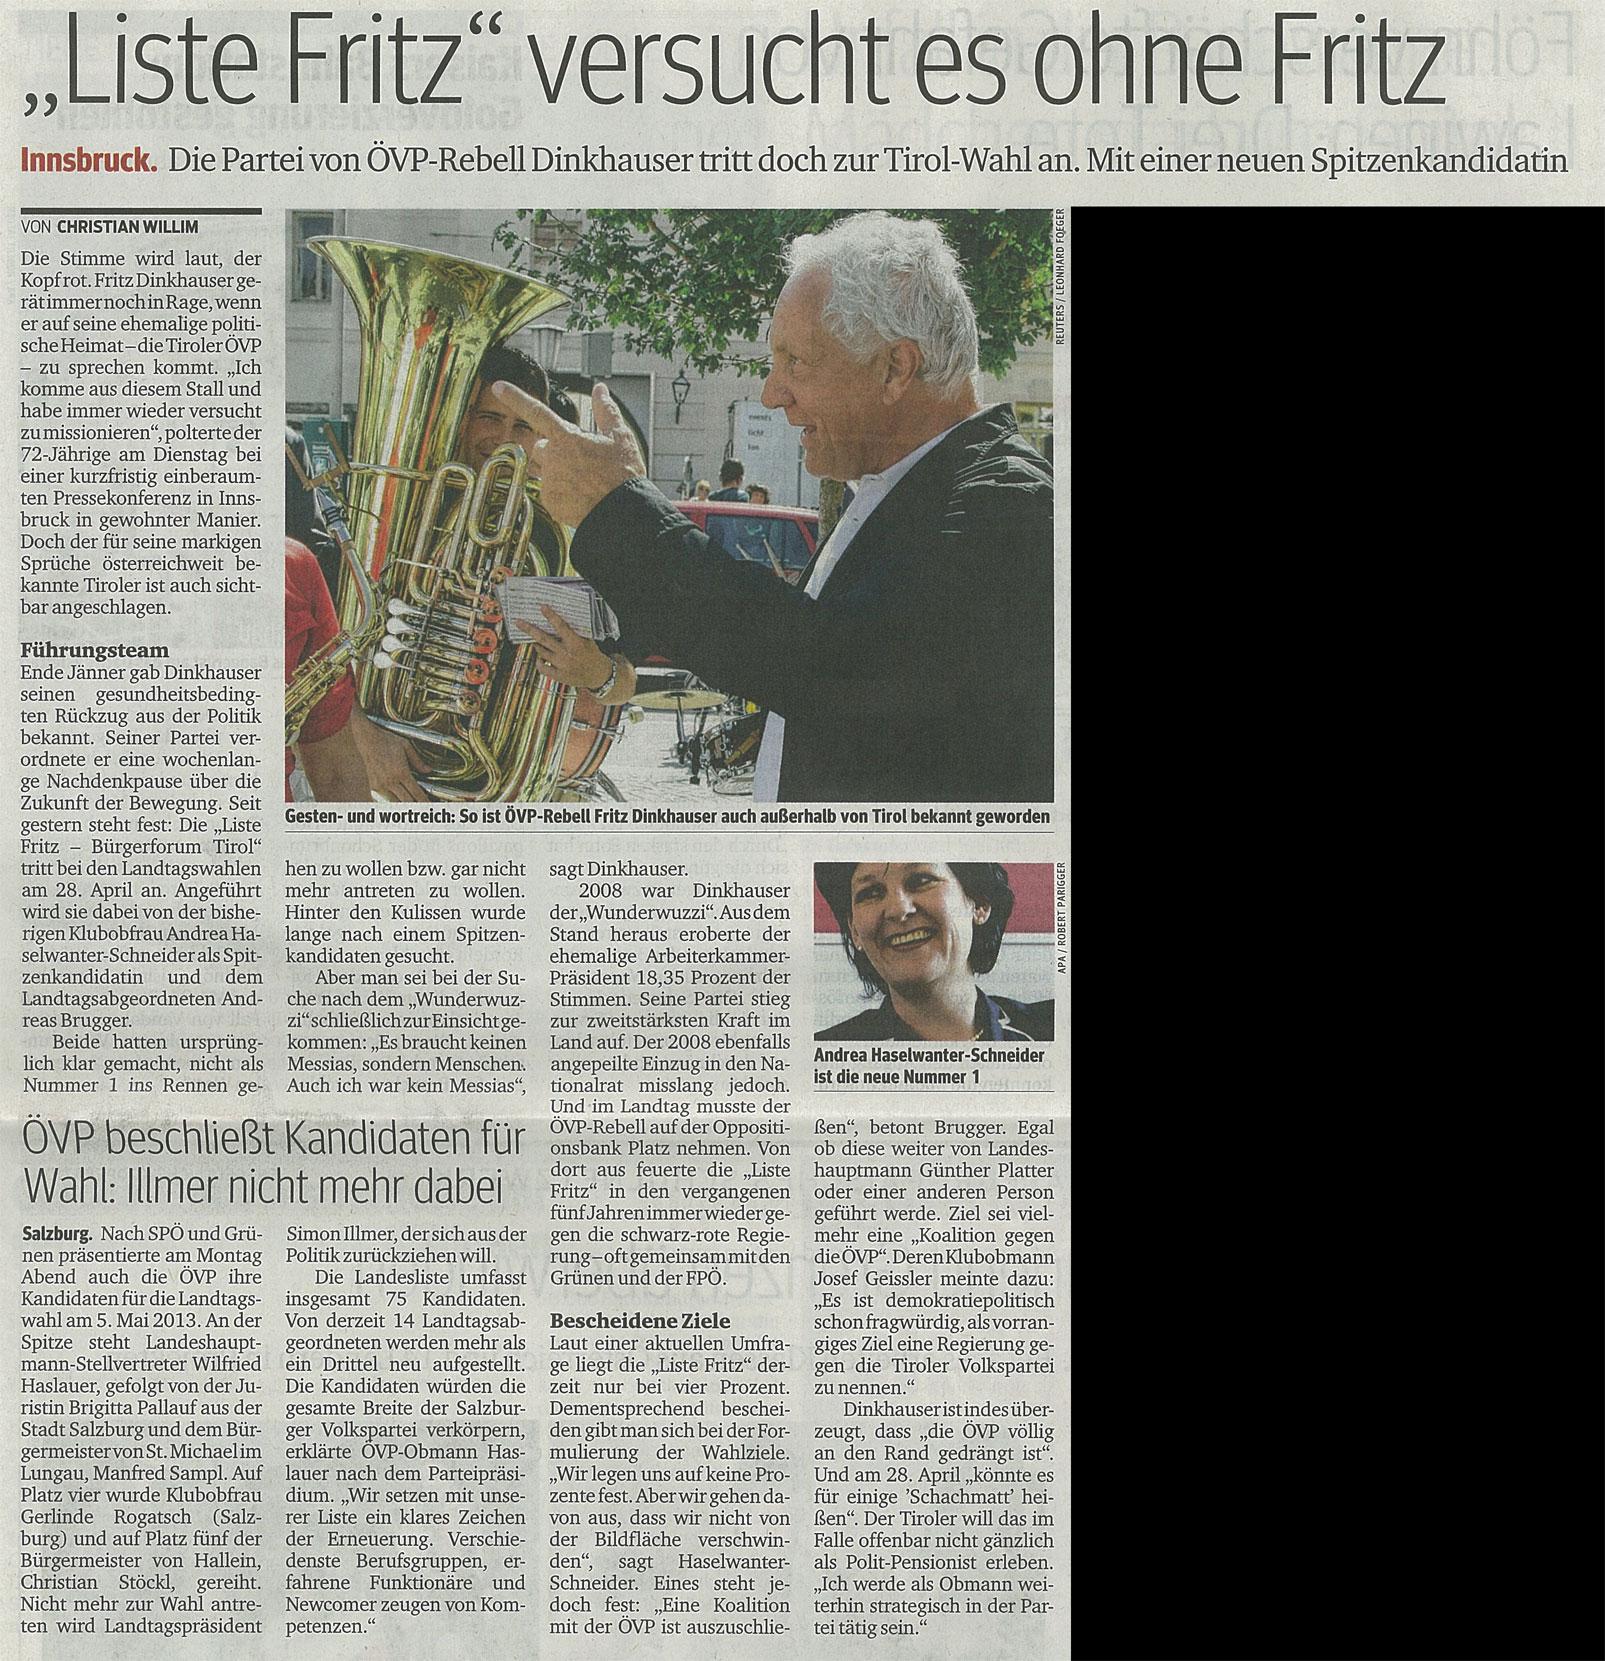 Bericht des Kurier zum Antreten der Liste Fritz bei den Landtagswahlen